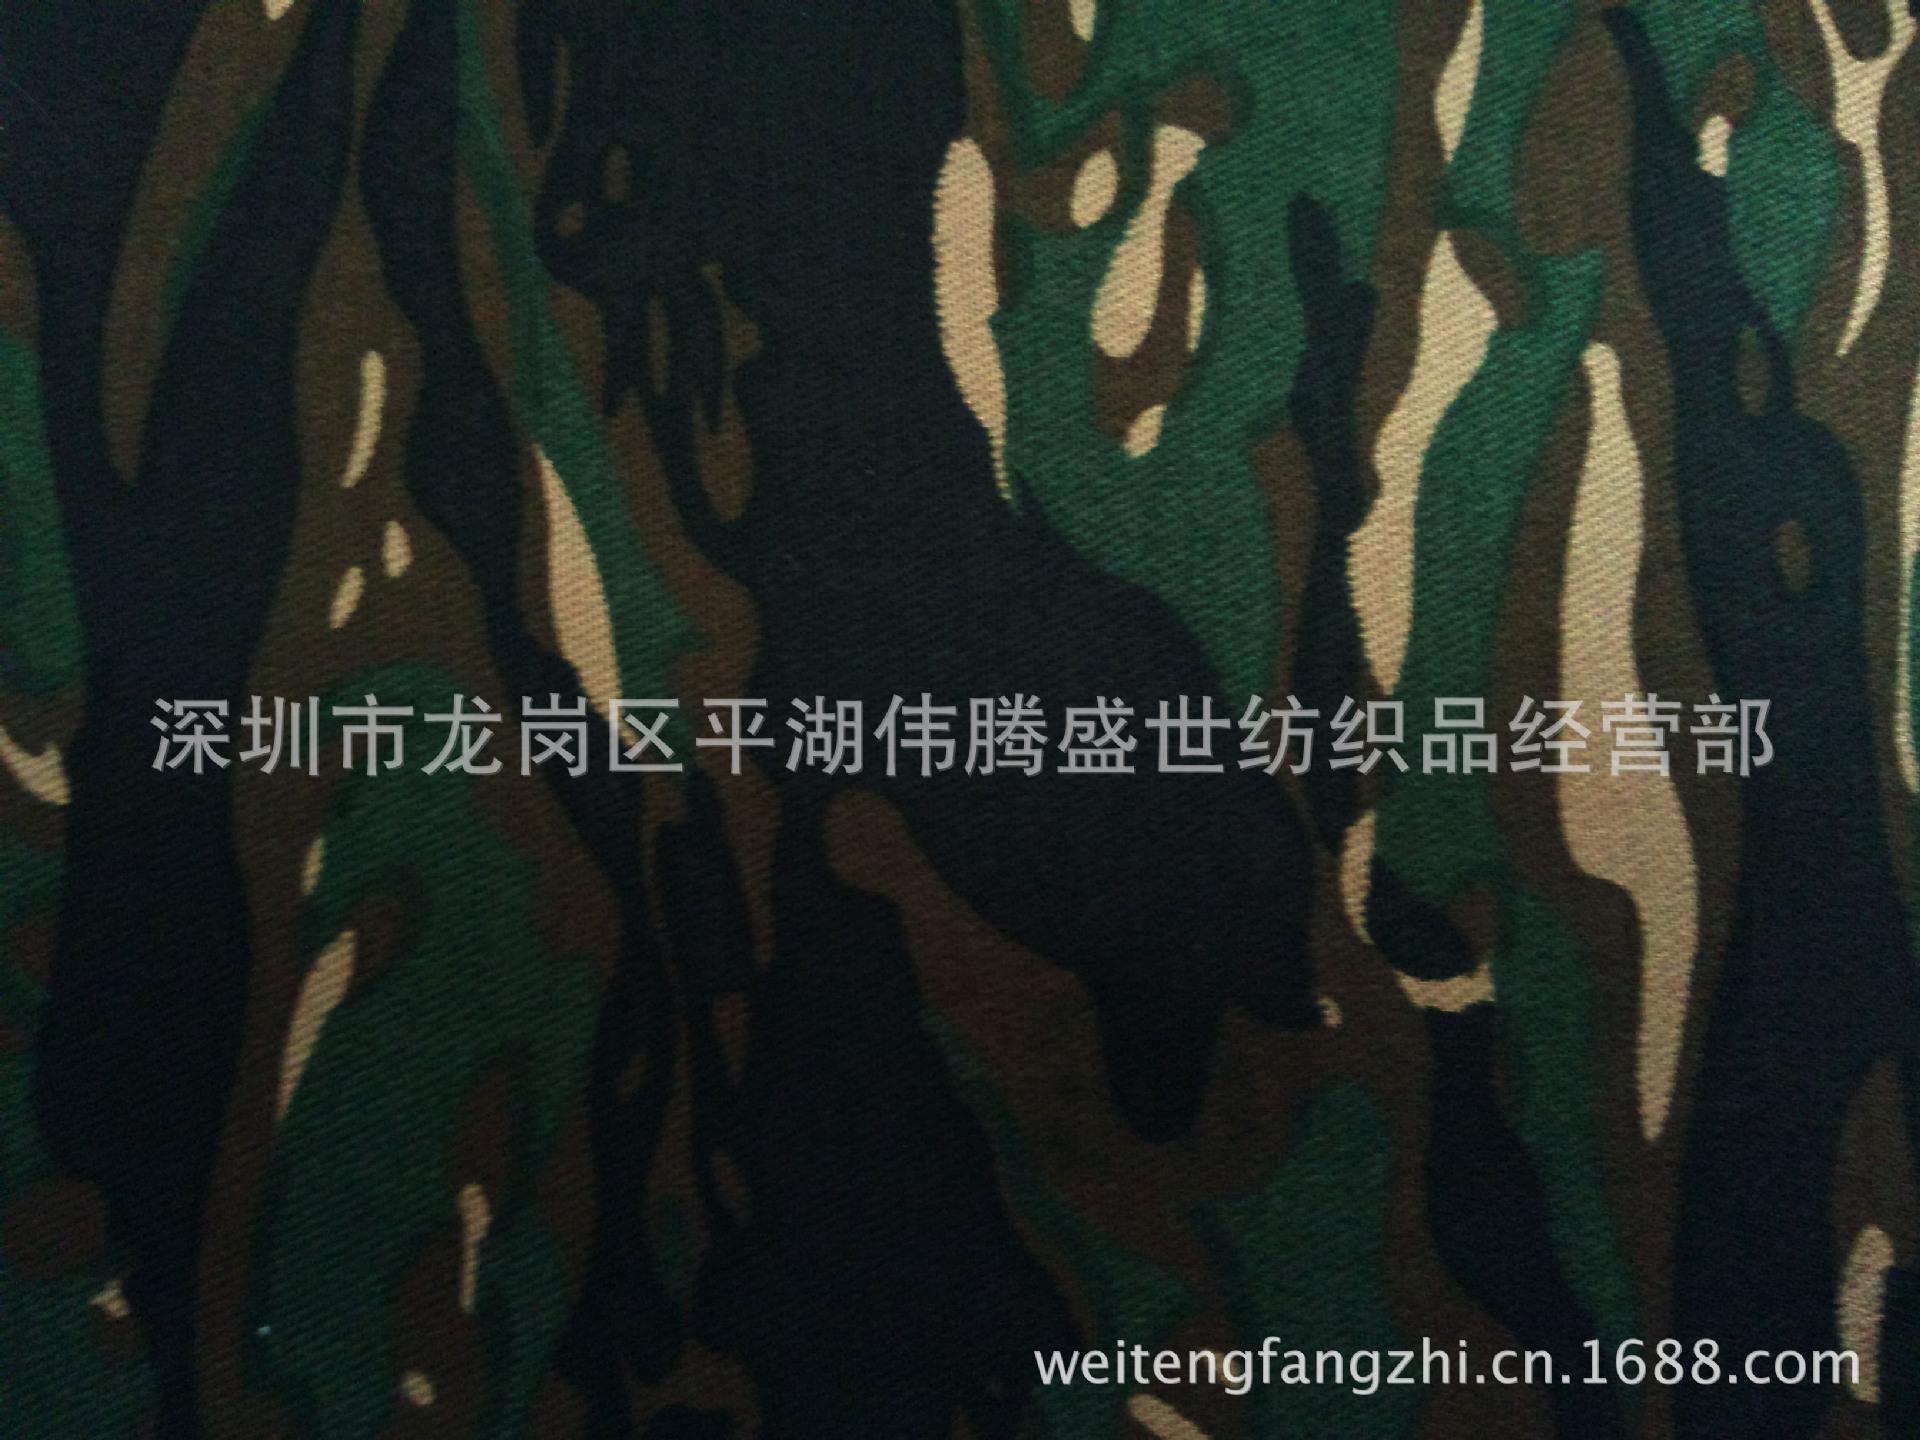 高密斜弹力面料 迷彩帆布印花 全棉印花弹力迷彩服装面料图片一